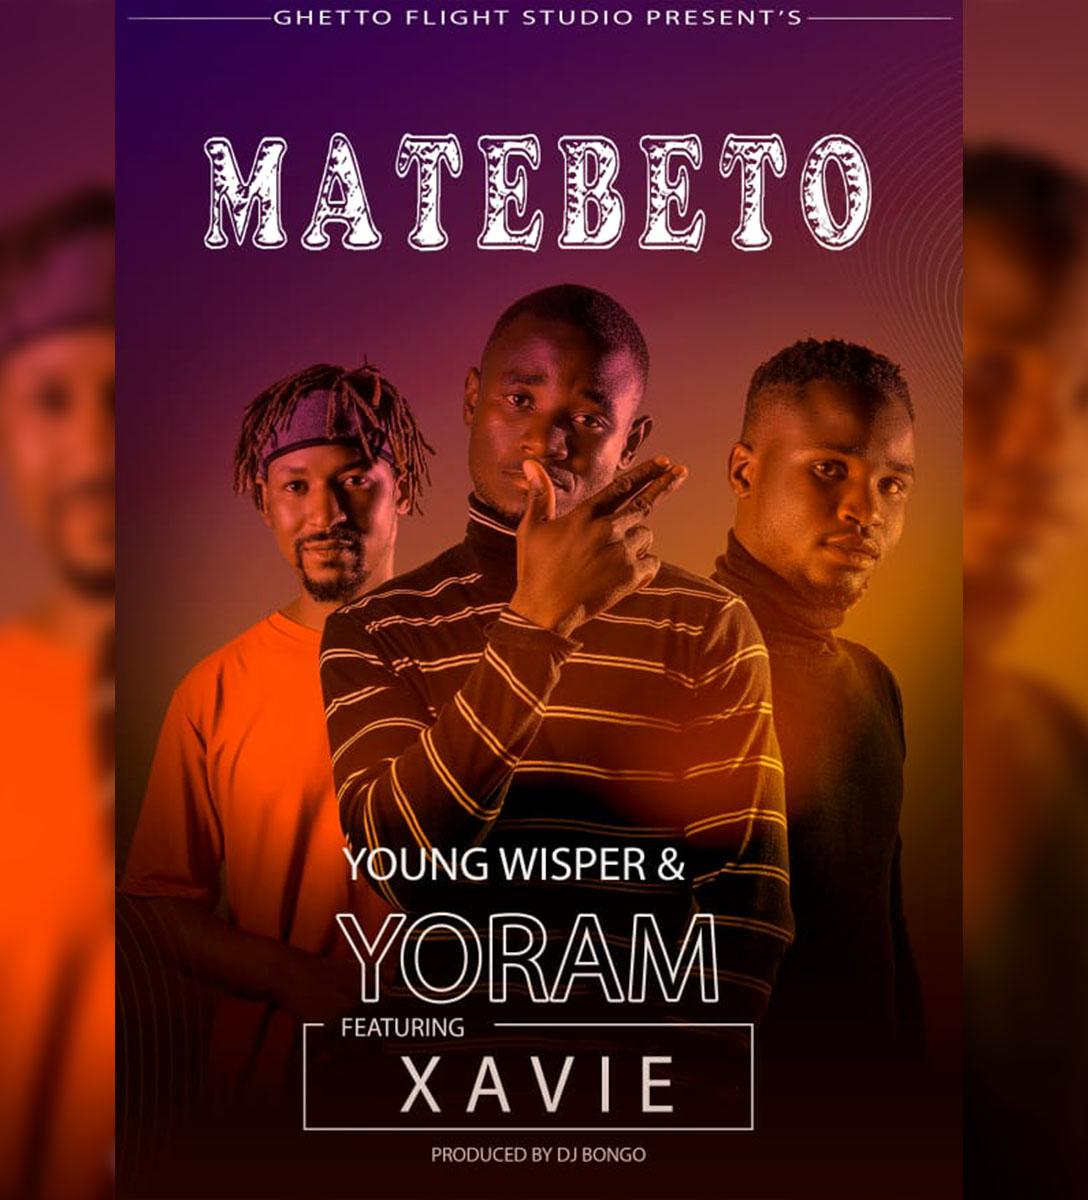 Young Wisper & Yoram ft. Xavie - Matebeto